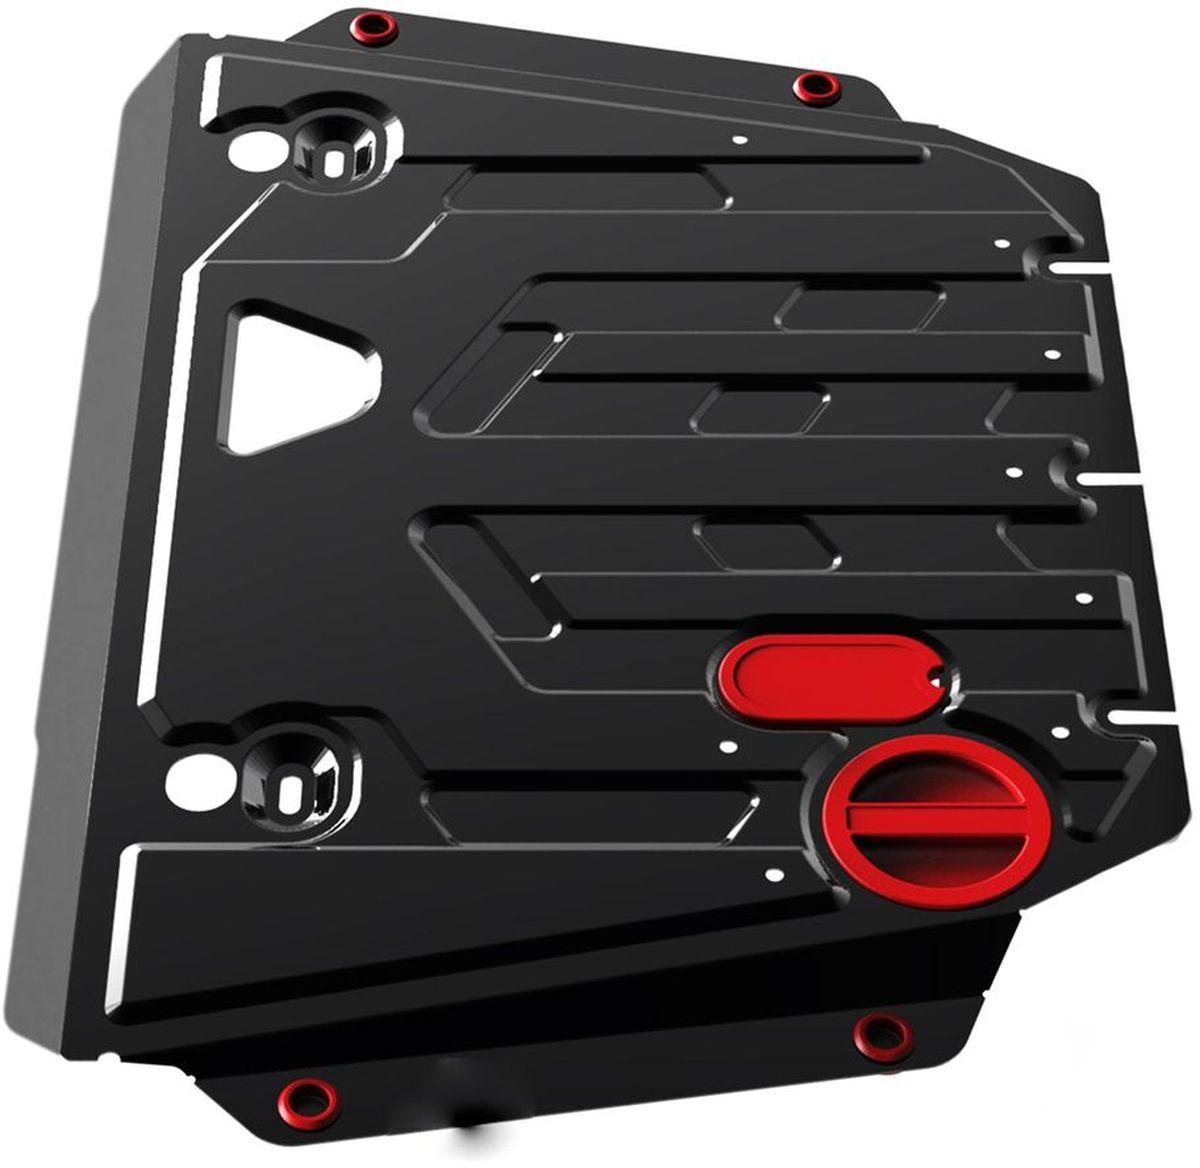 Защита картера и КПП Автоброня, для Lexus NX 200, V-2,0 (150hp) (2014-)240000Технологически совершенный продукт за невысокую стоимость.Защита разработана с учетом особенностей днища автомобиля, что позволяет сохранить дорожный просвет с минимальным изменением.Защита устанавливается в штатные места кузова автомобиля. Глубокий штамп обеспечивает до двух раз больше жесткости в сравнении с обычной защитой той же толщины. Проштампованные ребра жесткости препятствуют деформации защиты при ударах.Тепловой зазор и вентиляционные отверстия обеспечивают сохранение температурного режима двигателя в норме. Скрытый крепеж предотвращает срыв крепежных элементов при наезде на препятствие.Шумопоглощающие резиновые элементы обеспечивают комфортную езду без вибраций и скрежета металла, а съемные лючки для слива масла и замены фильтра - экономию средств и время.Конструкция изделия не влияет на пассивную безопасность автомобиля (при ударе защита не воздействует на деформационные зоны кузова). Со штатным крепежом. В комплекте инструкция по установке.Толщина стали: 2 мм.Уважаемые клиенты!Обращаем ваше внимание, что элемент защиты имеет форму, соответствующую модели данного автомобиля. Фото служит для визуального восприятия товара и может отличаться от фактического.